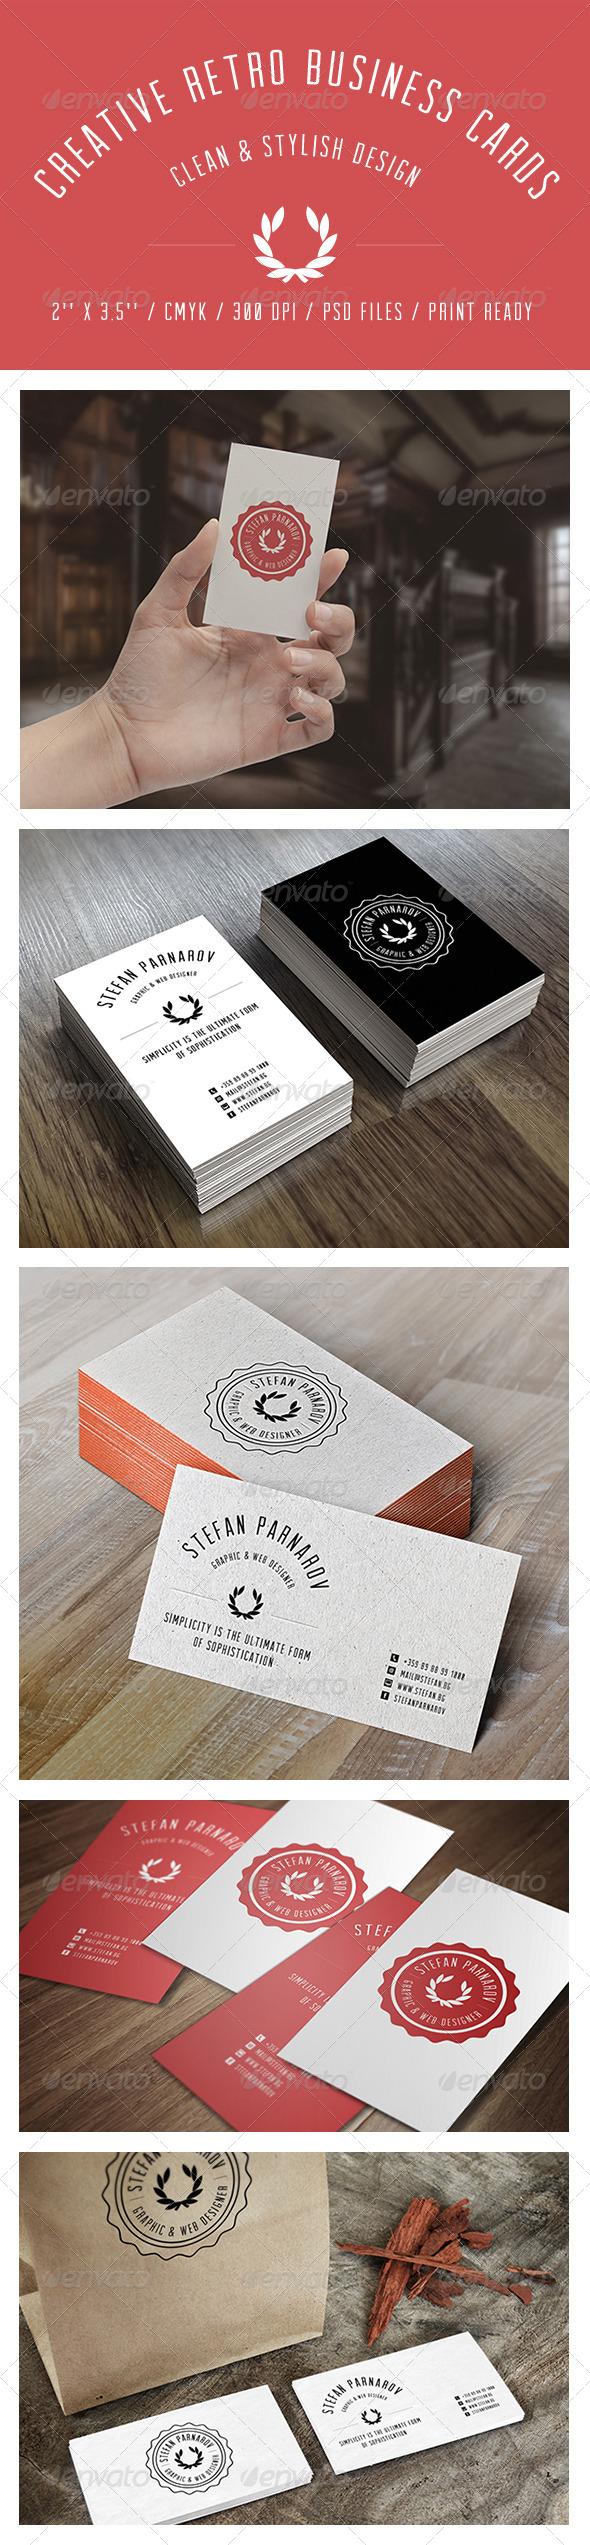 GraphicRiver Creative Retro Business Cards 6766758